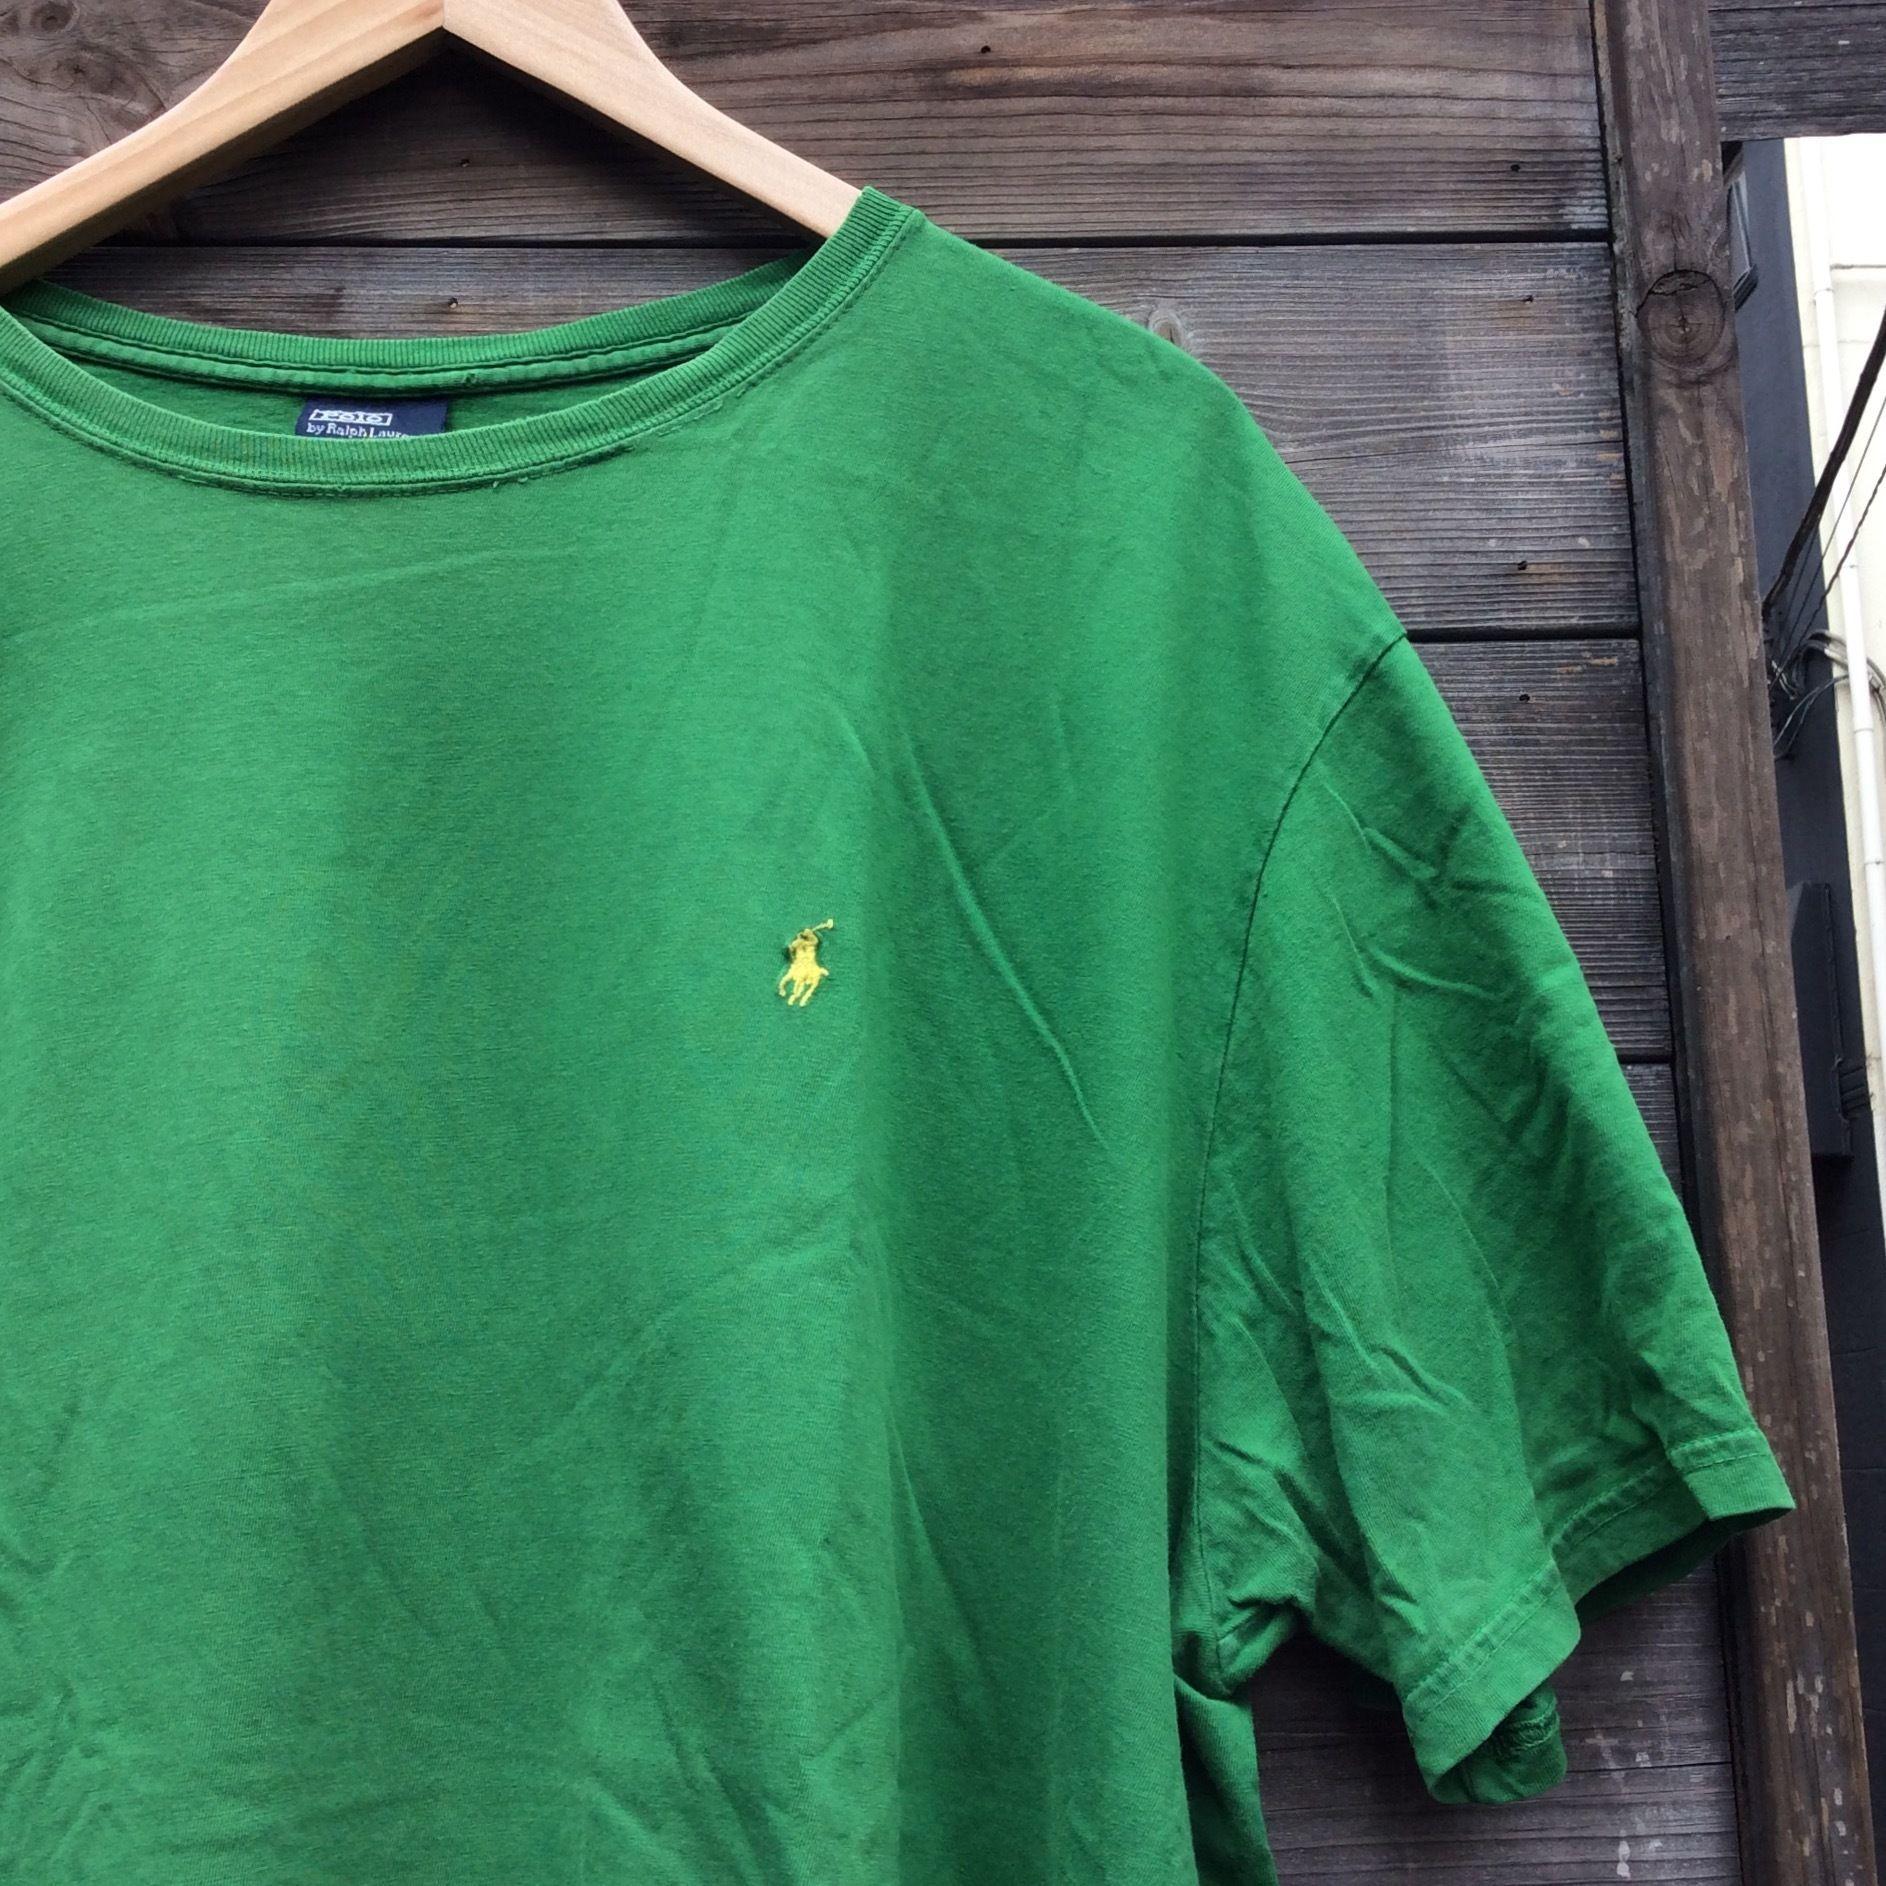 PoloRalphLauren/ラルフローレン ワンポイント刺繍 Tシャツ (USED)